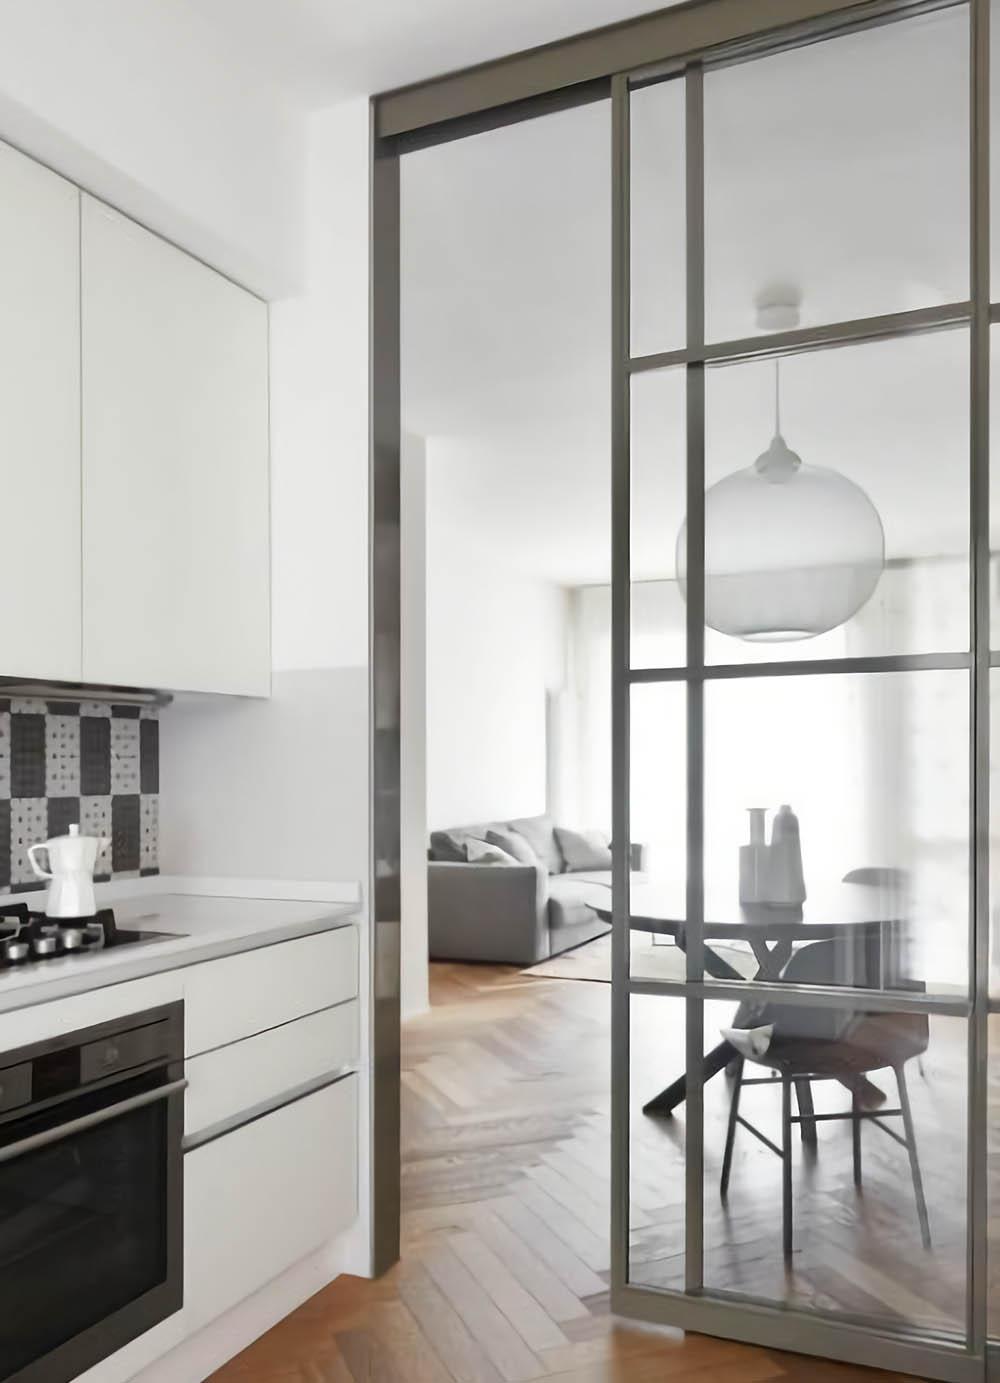 Двустворчатая раздвижная дверь Loft со стеклом